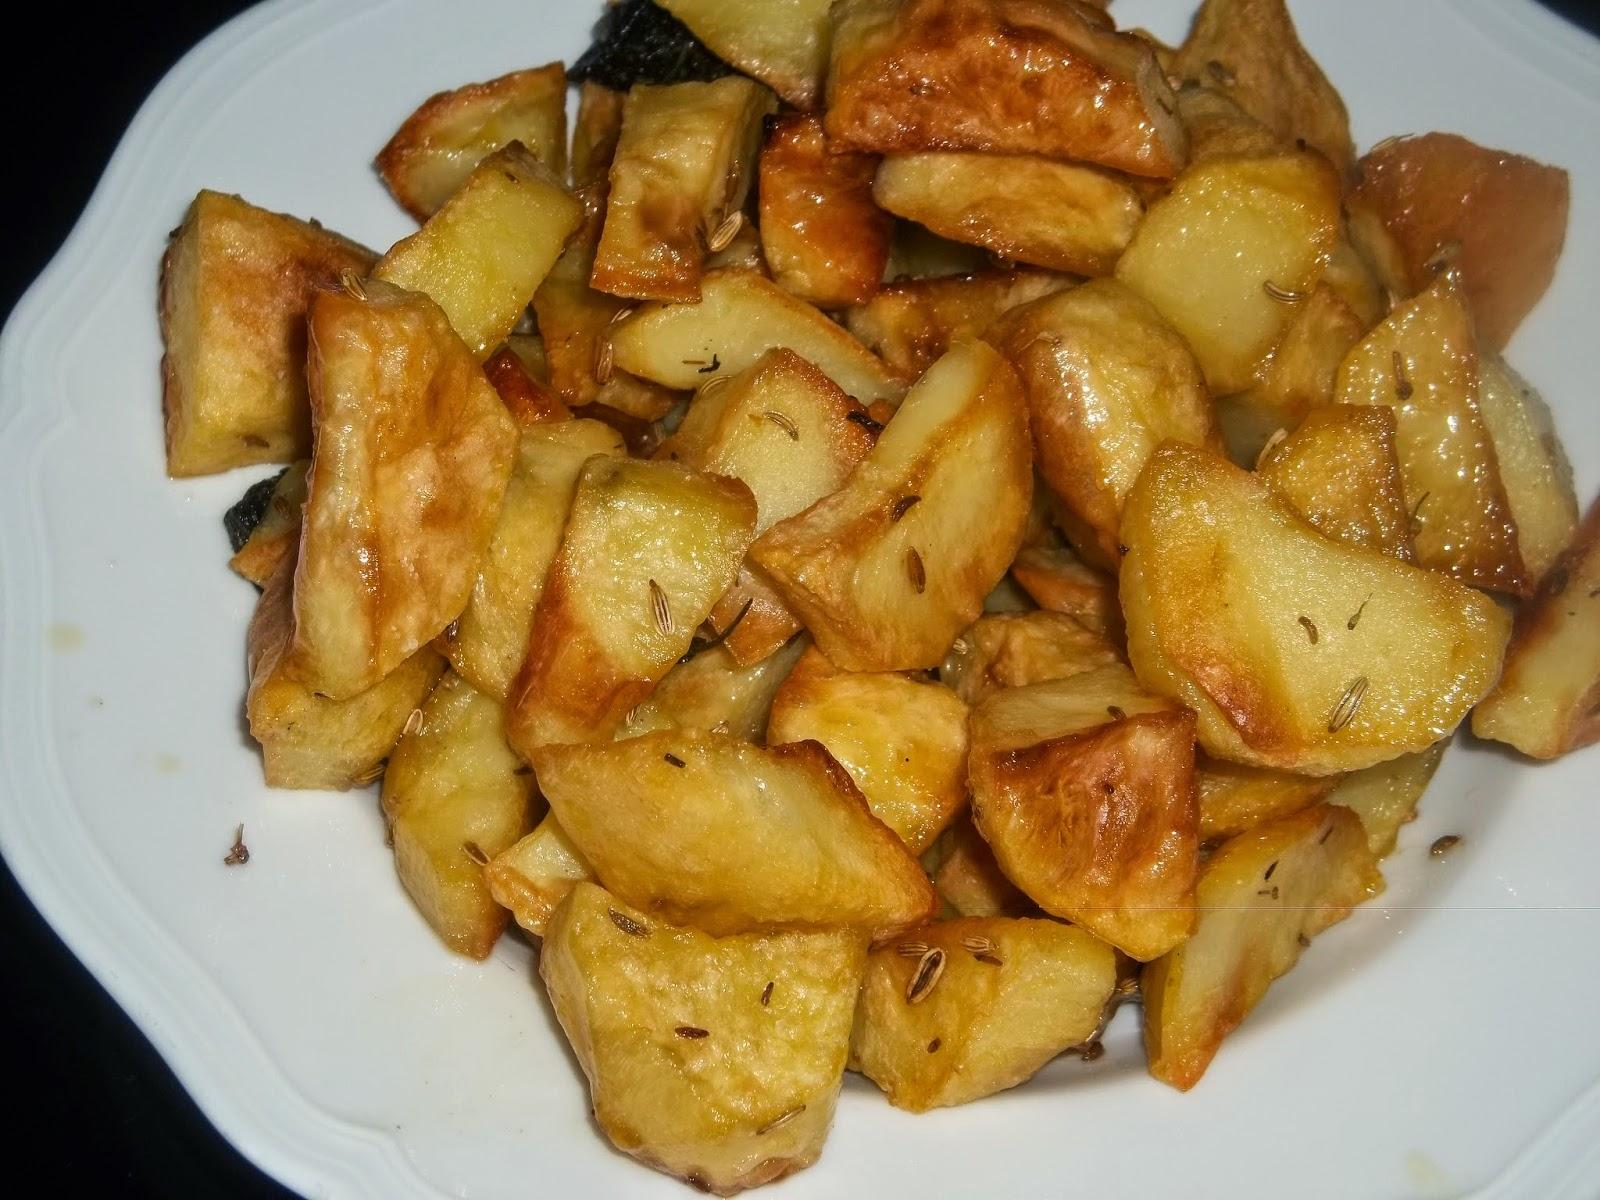 ... patate al forno saporite al finocchietto un gusto gradevole ...